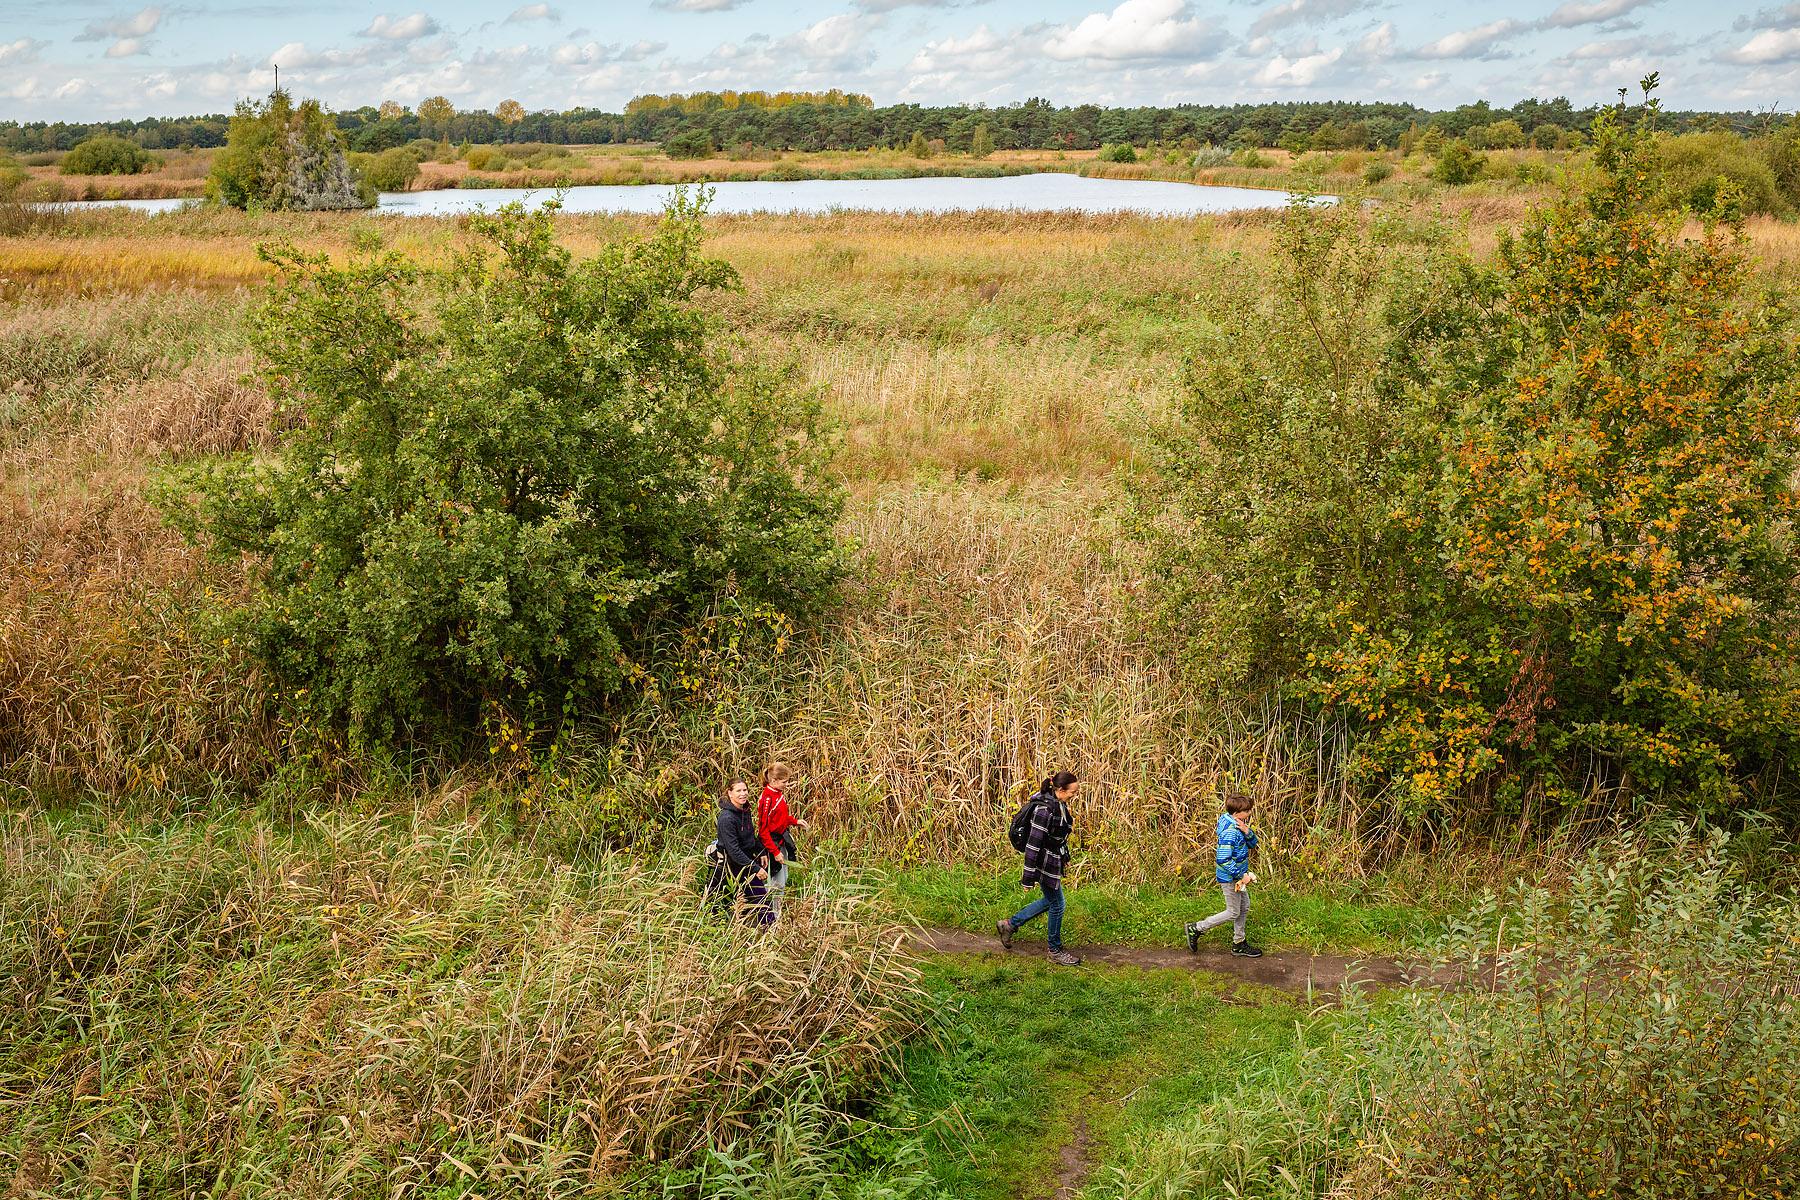 Uitzicht over Uitzicht over het Hageven in Pelt (Neerpelt), West-Vlaamse landschapsfotograaf Glenn Vanderbekehet Hageven in Pelt (Neerpelt), fotograaf Glenn Vanderbeke